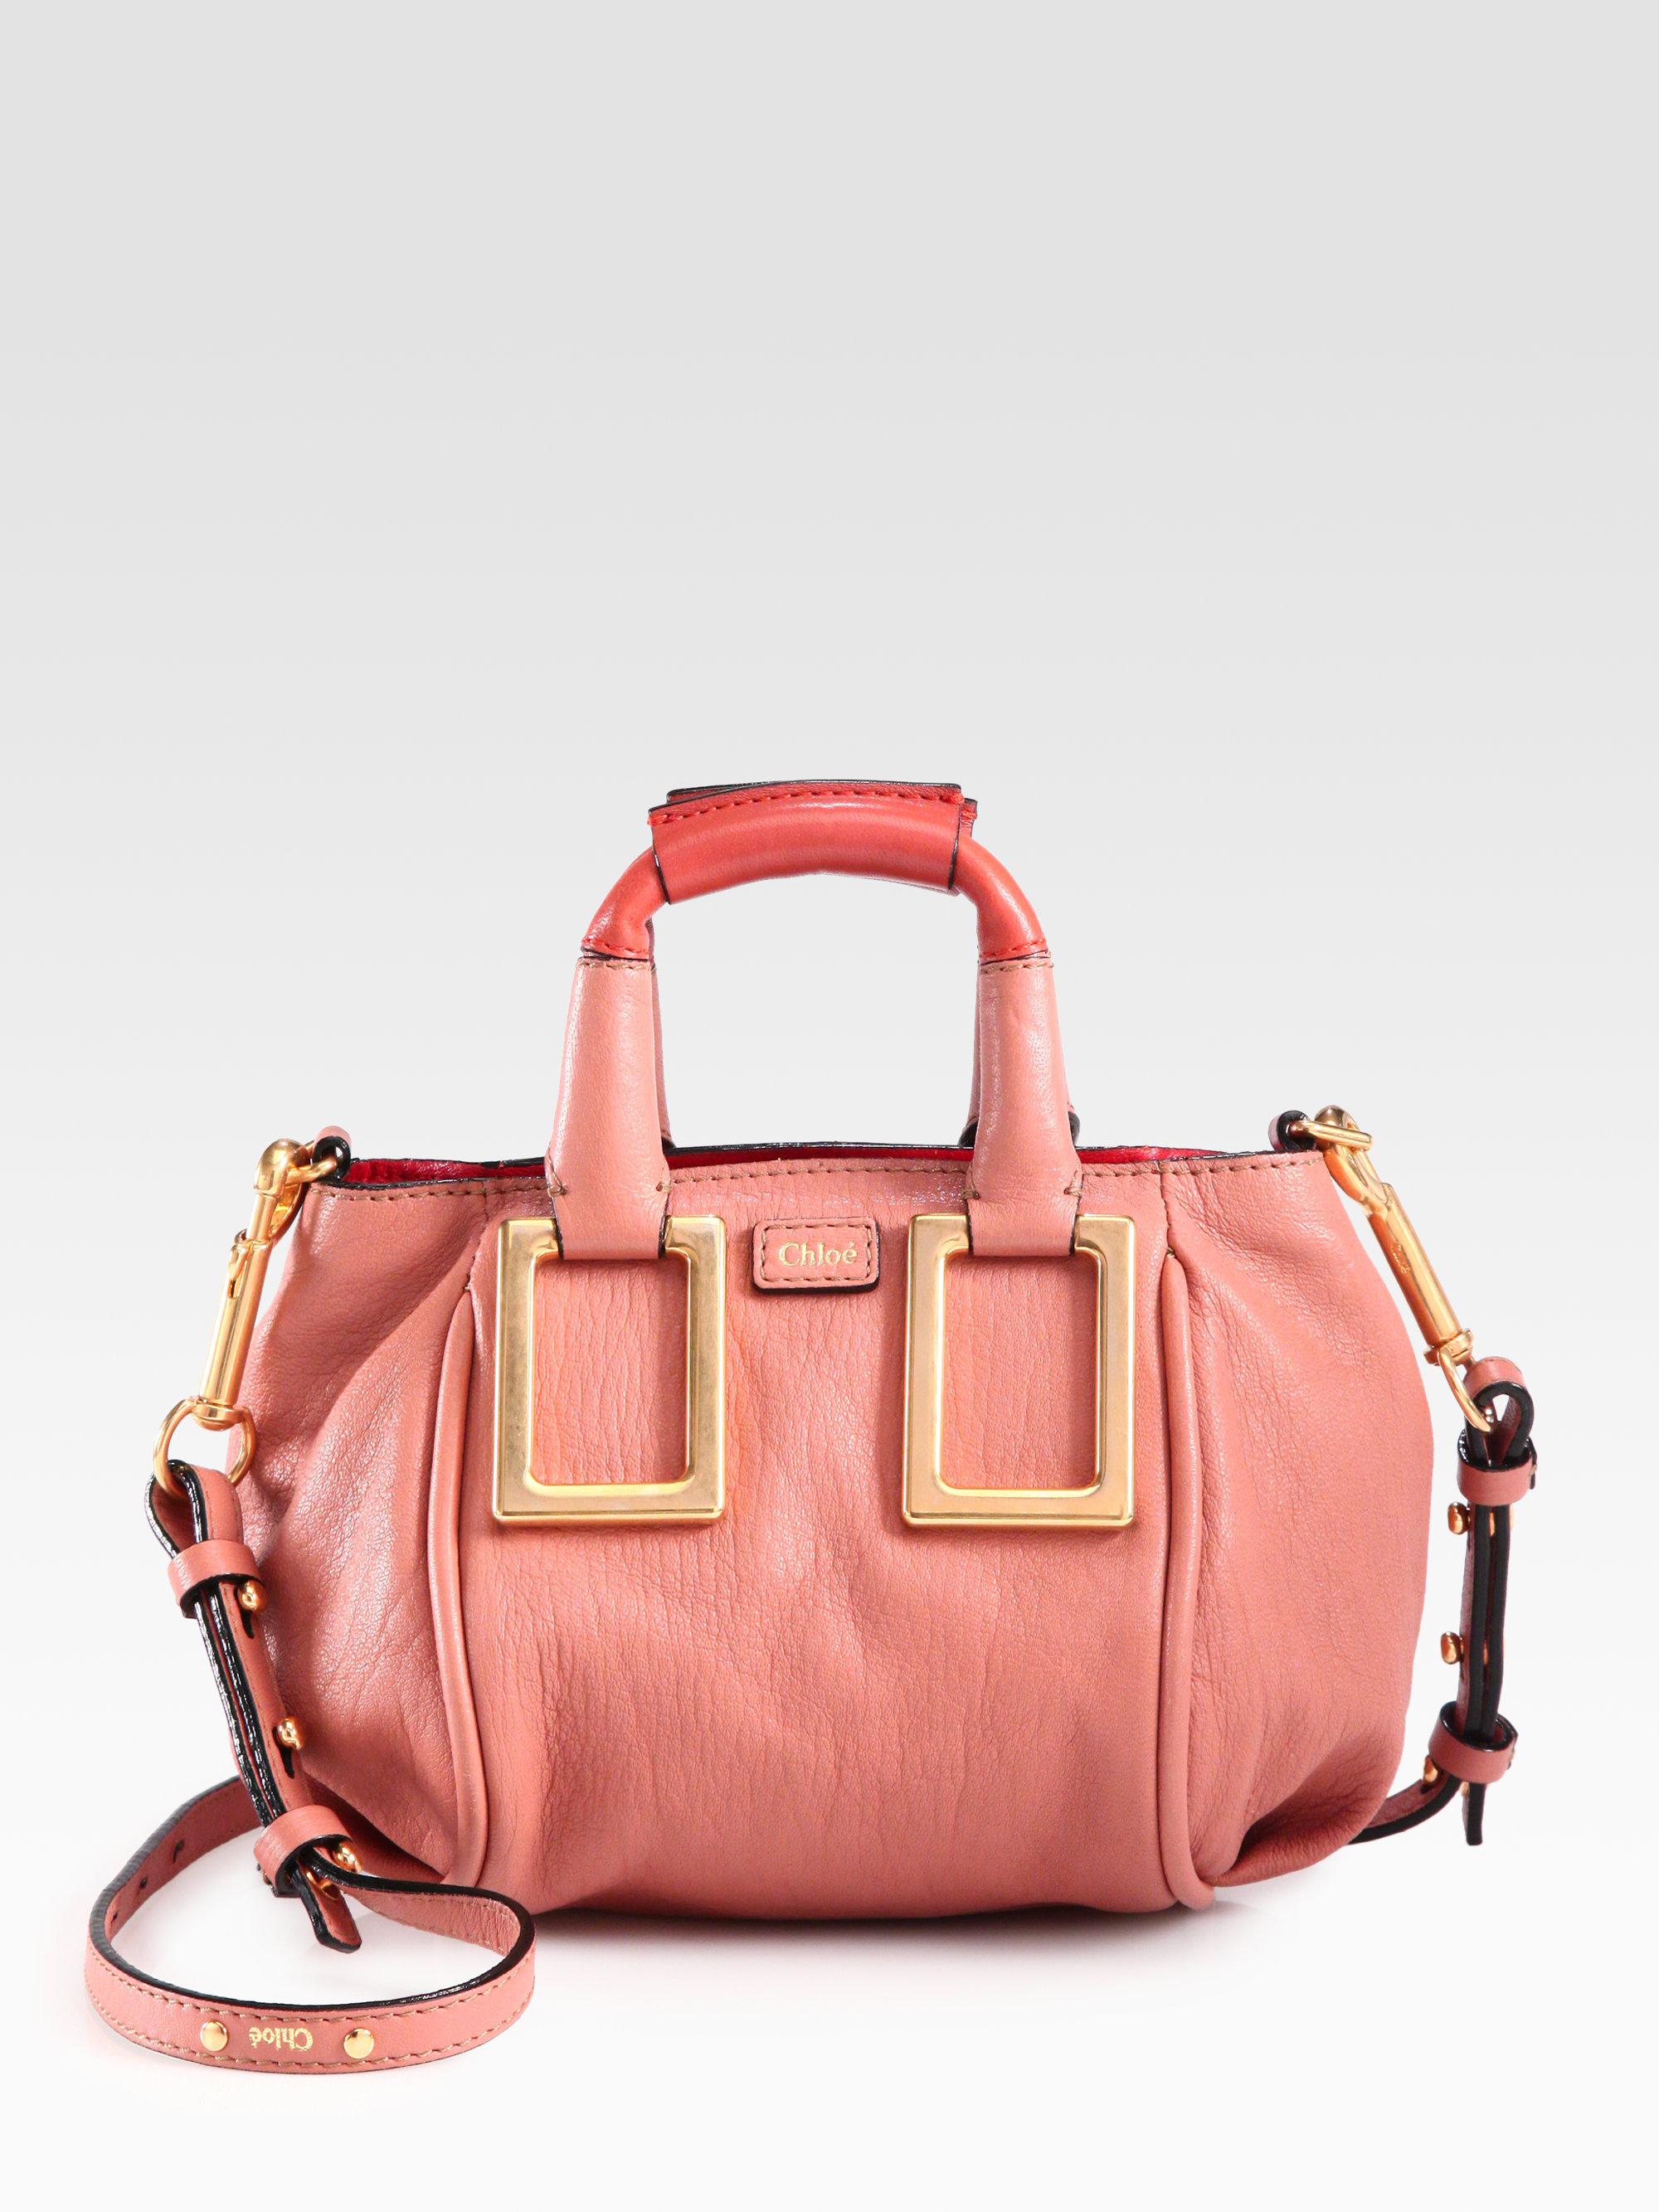 Lyst - Chloé Mini Ethel Leather Crossbody Bag in Pink 663ab2a4b